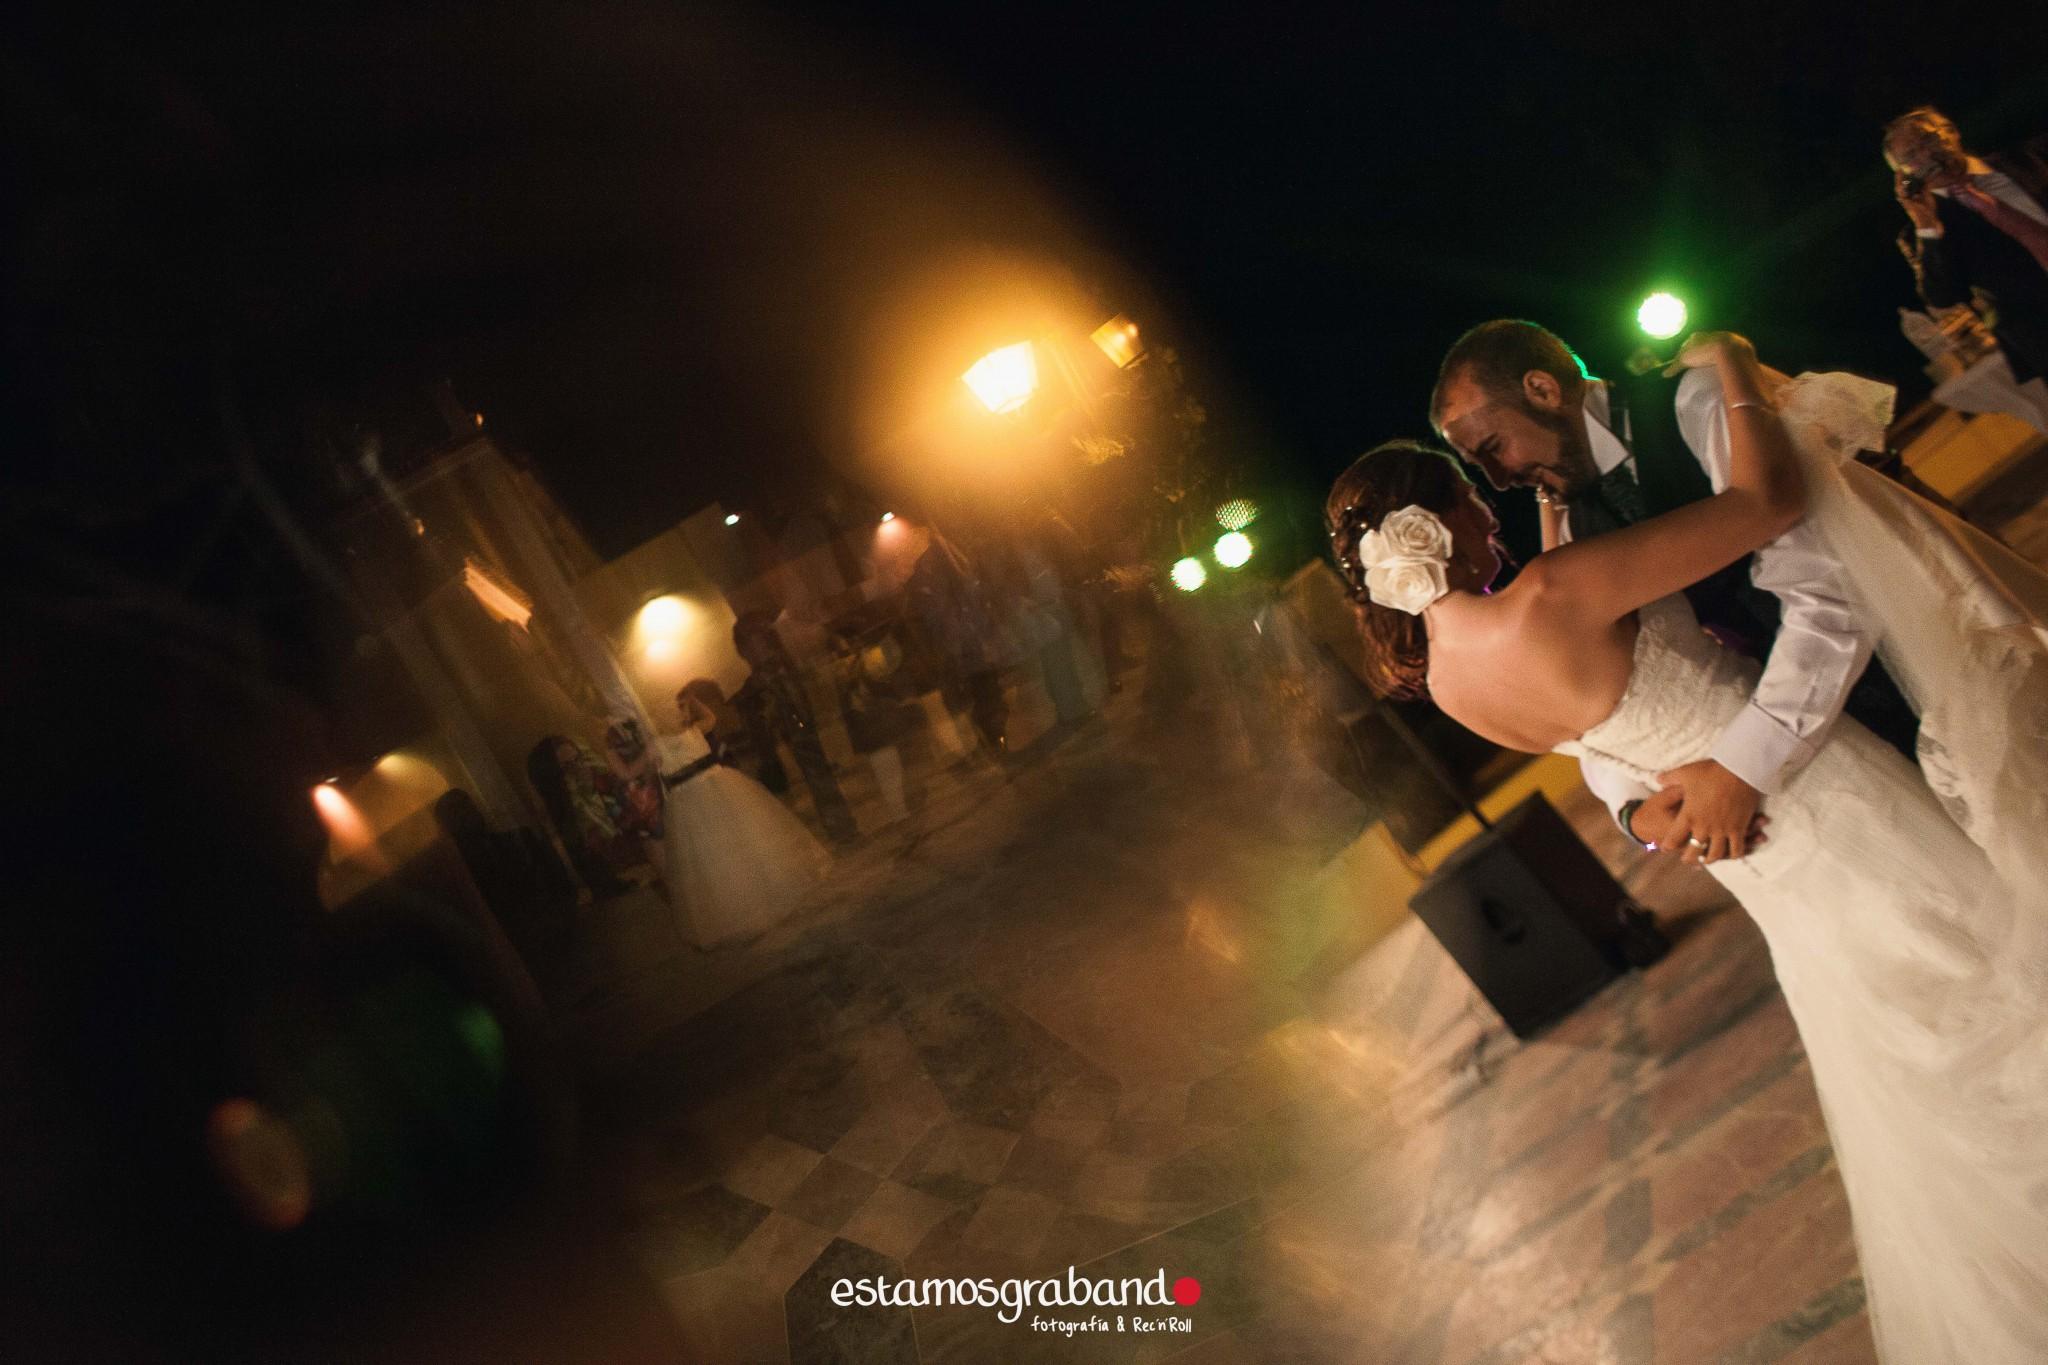 vee-y-juan_boda-escocesa-17 La boda de Braveheart (Spanish version)_Vee & Juan - video boda cadiz